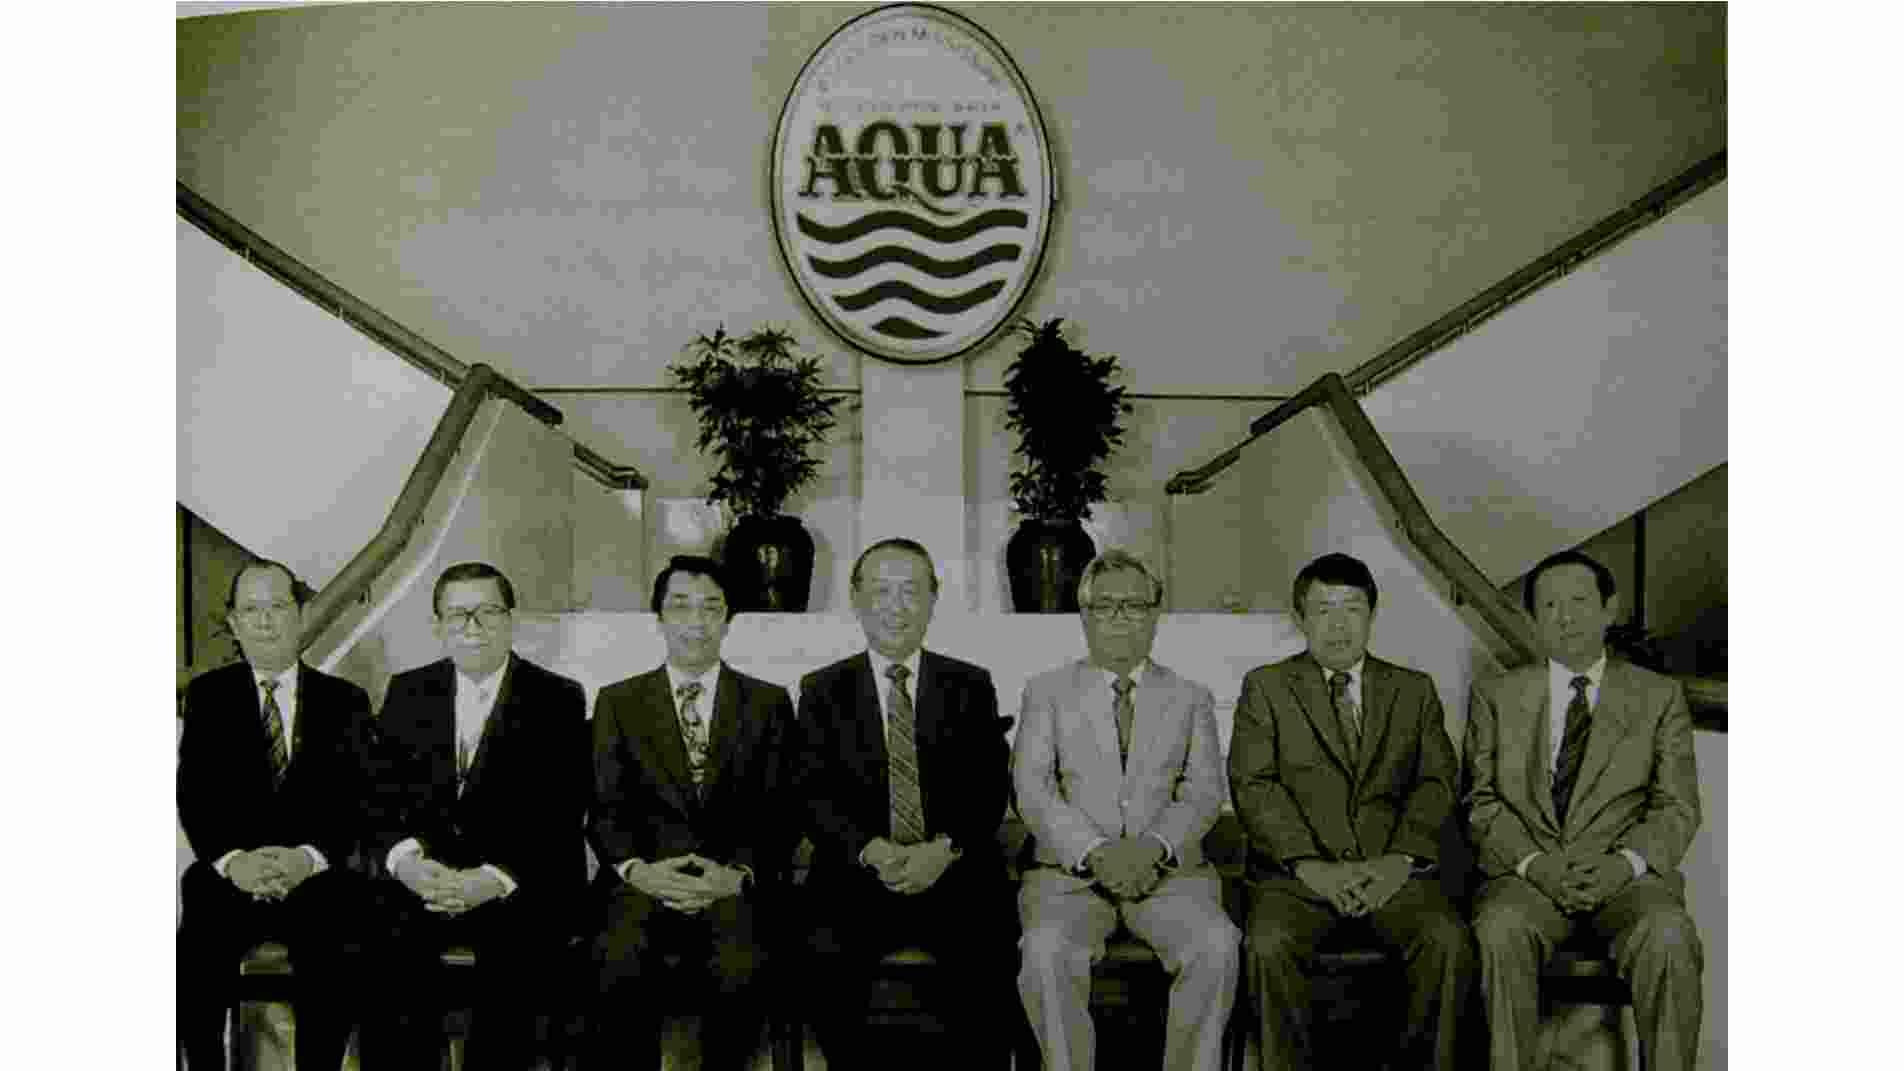 Ini Sejarah dan Asal Usul Air Kemasan AQUA di Indonesia